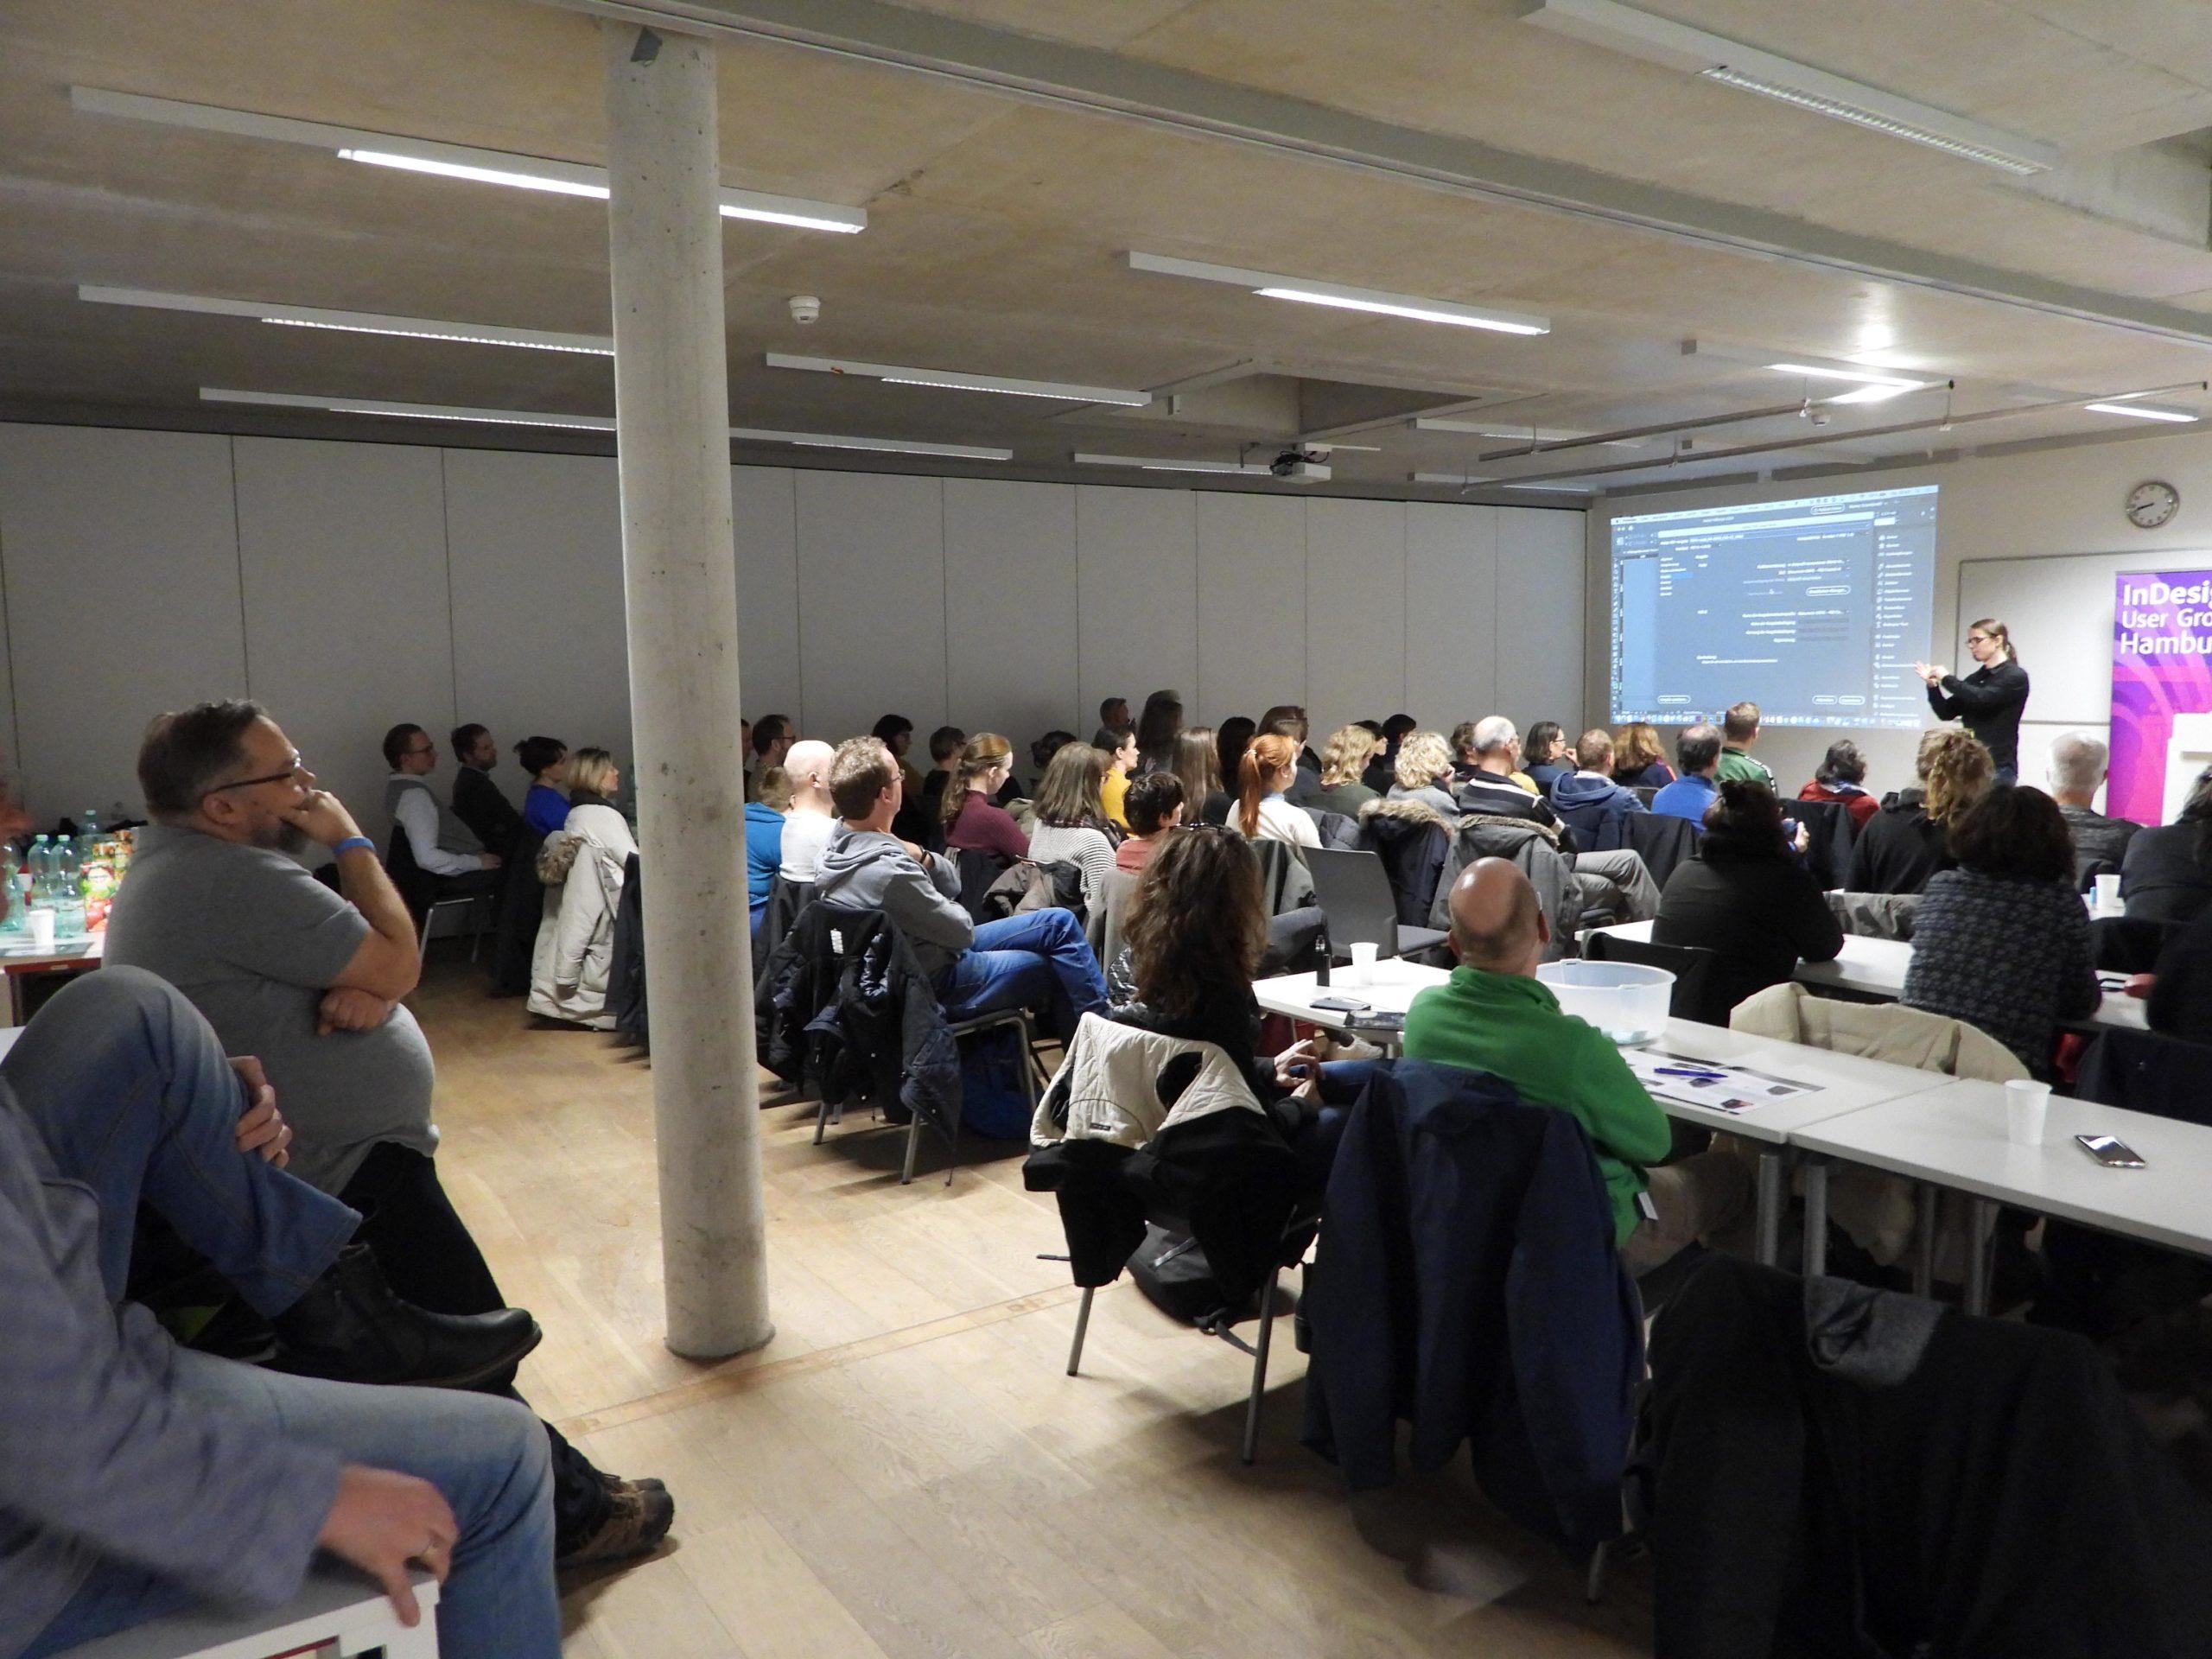 Ronny Willfahrt als Referent beim Meeting 31 der InDesign User Group Hamburg vor Publikum